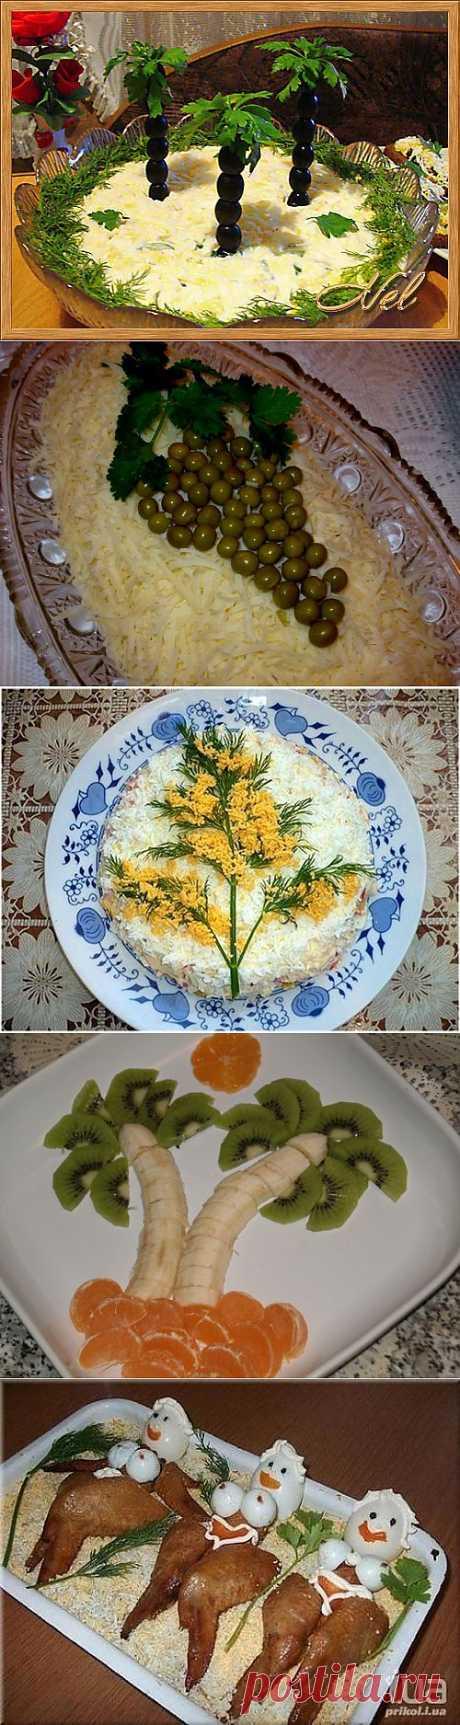 Украшение салатов и вторых блюд. ...Быстрою ,просто ..забавно..